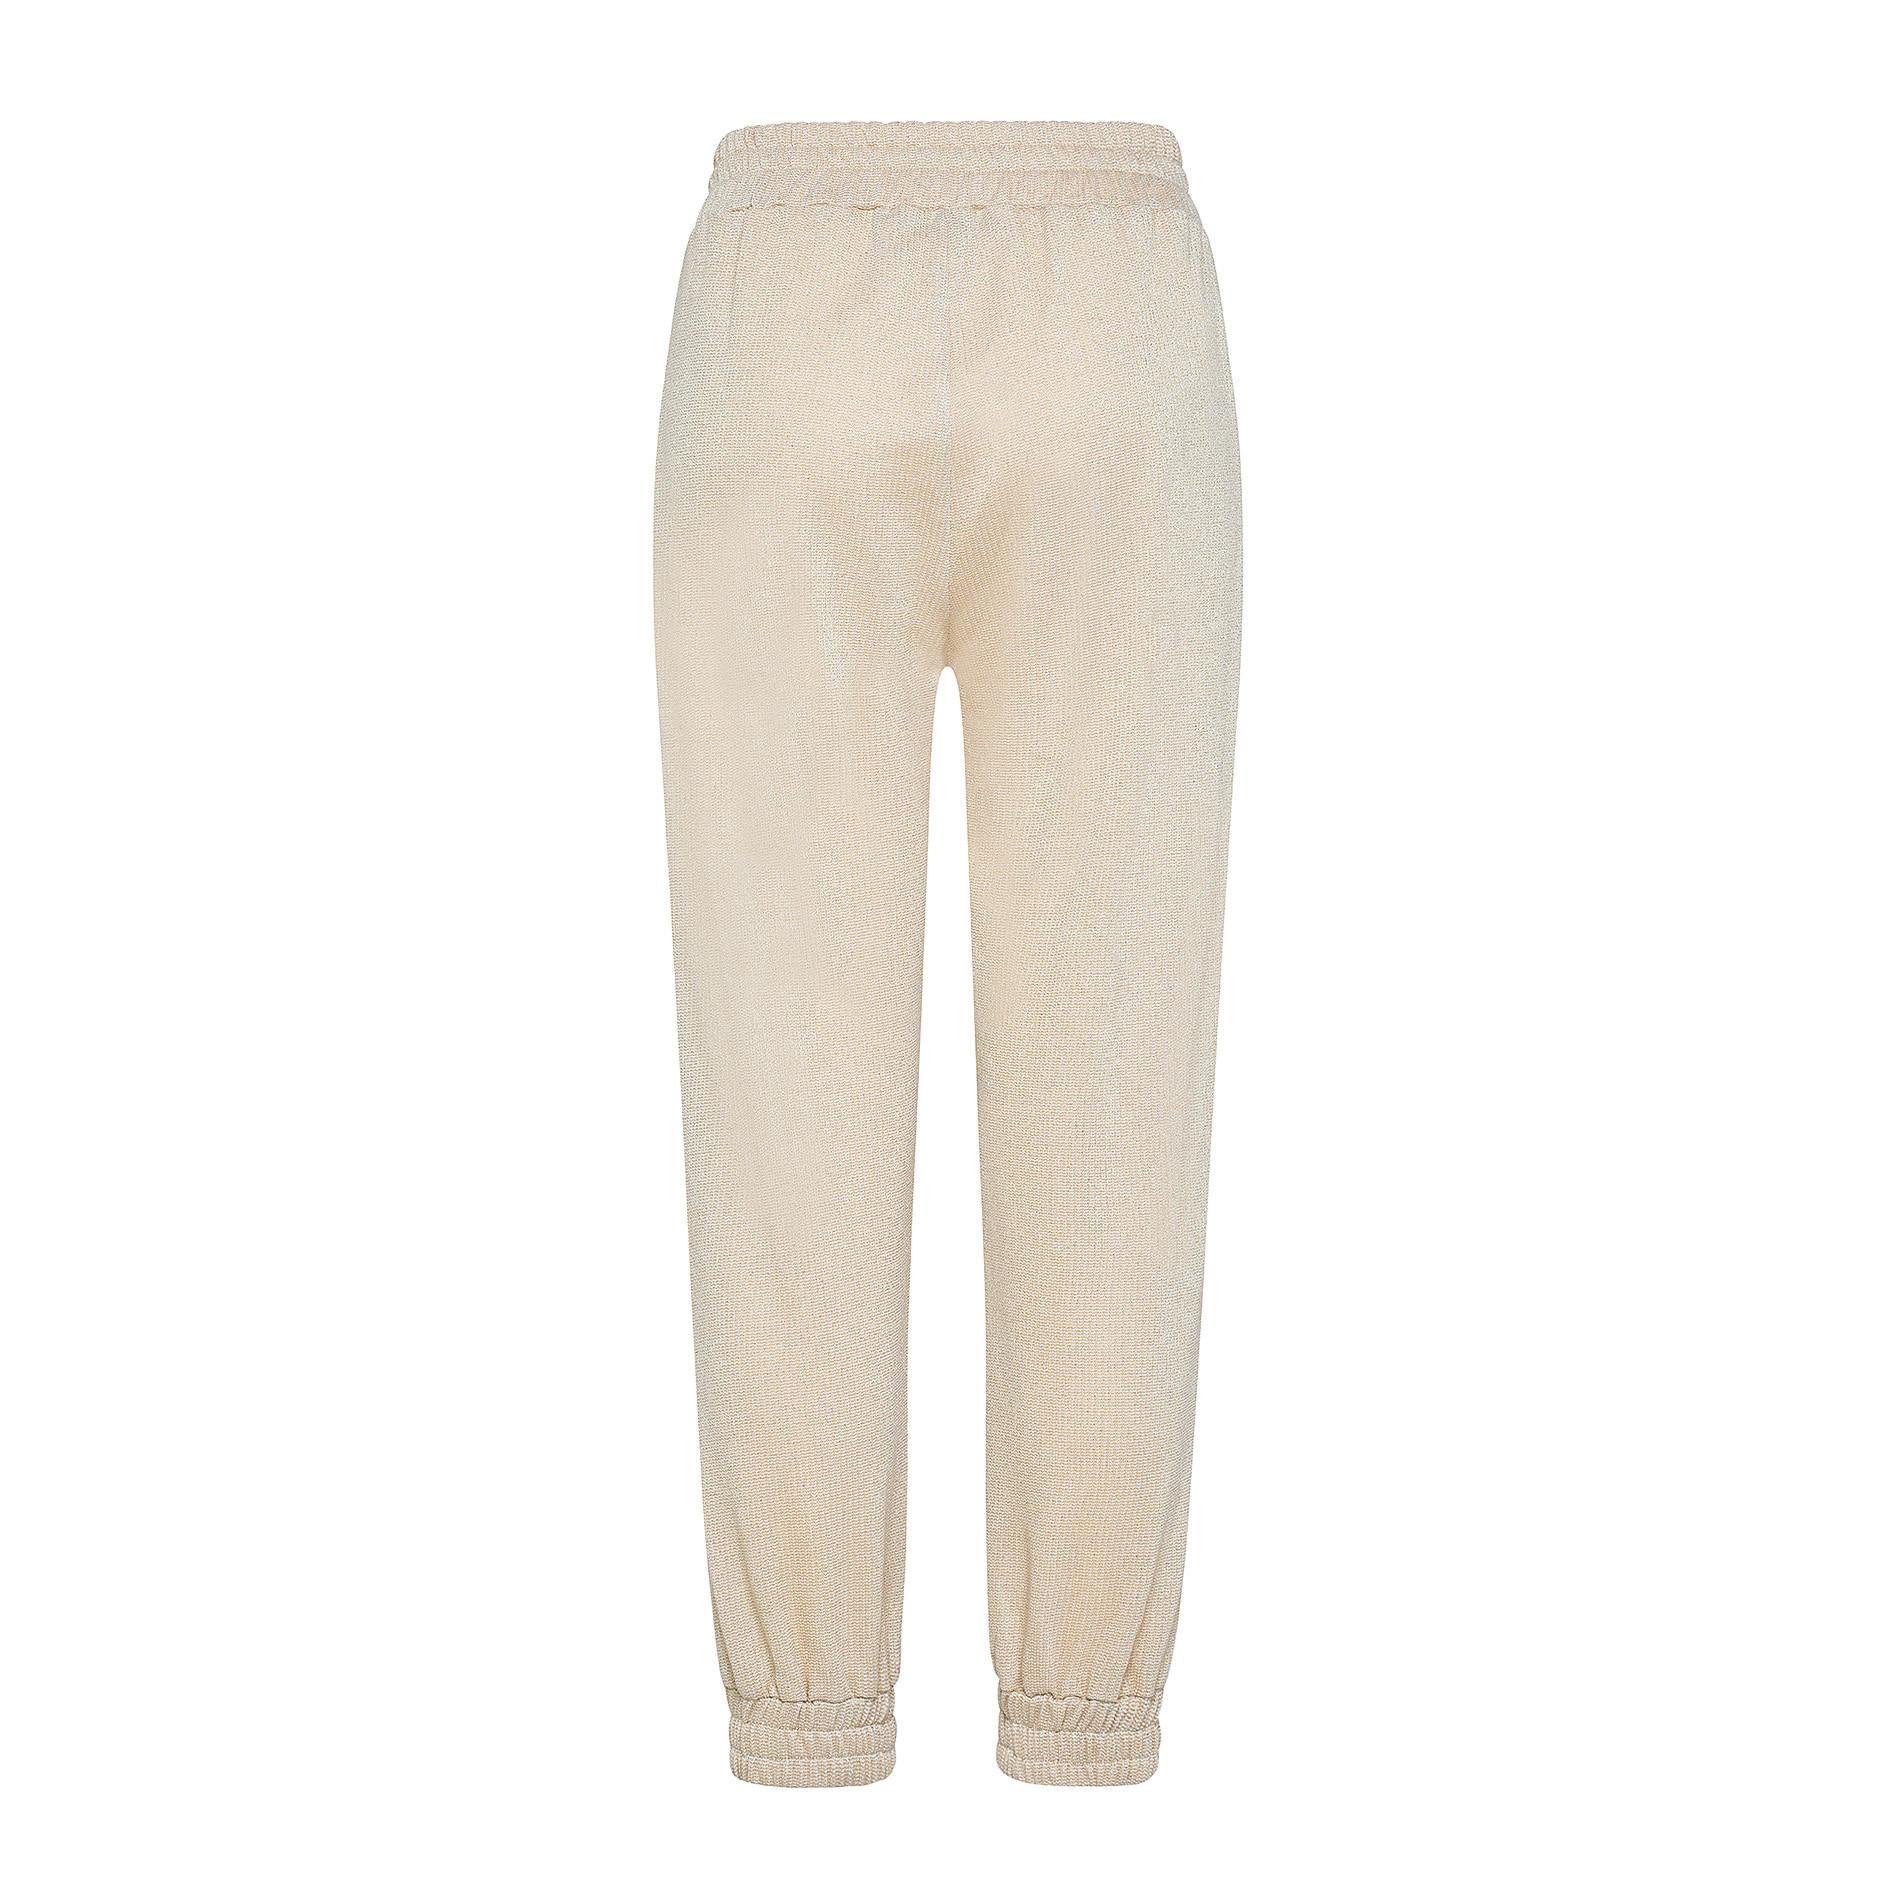 Pantalone tessuto leggero lurex Koan, Beige chiaro, large image number 1